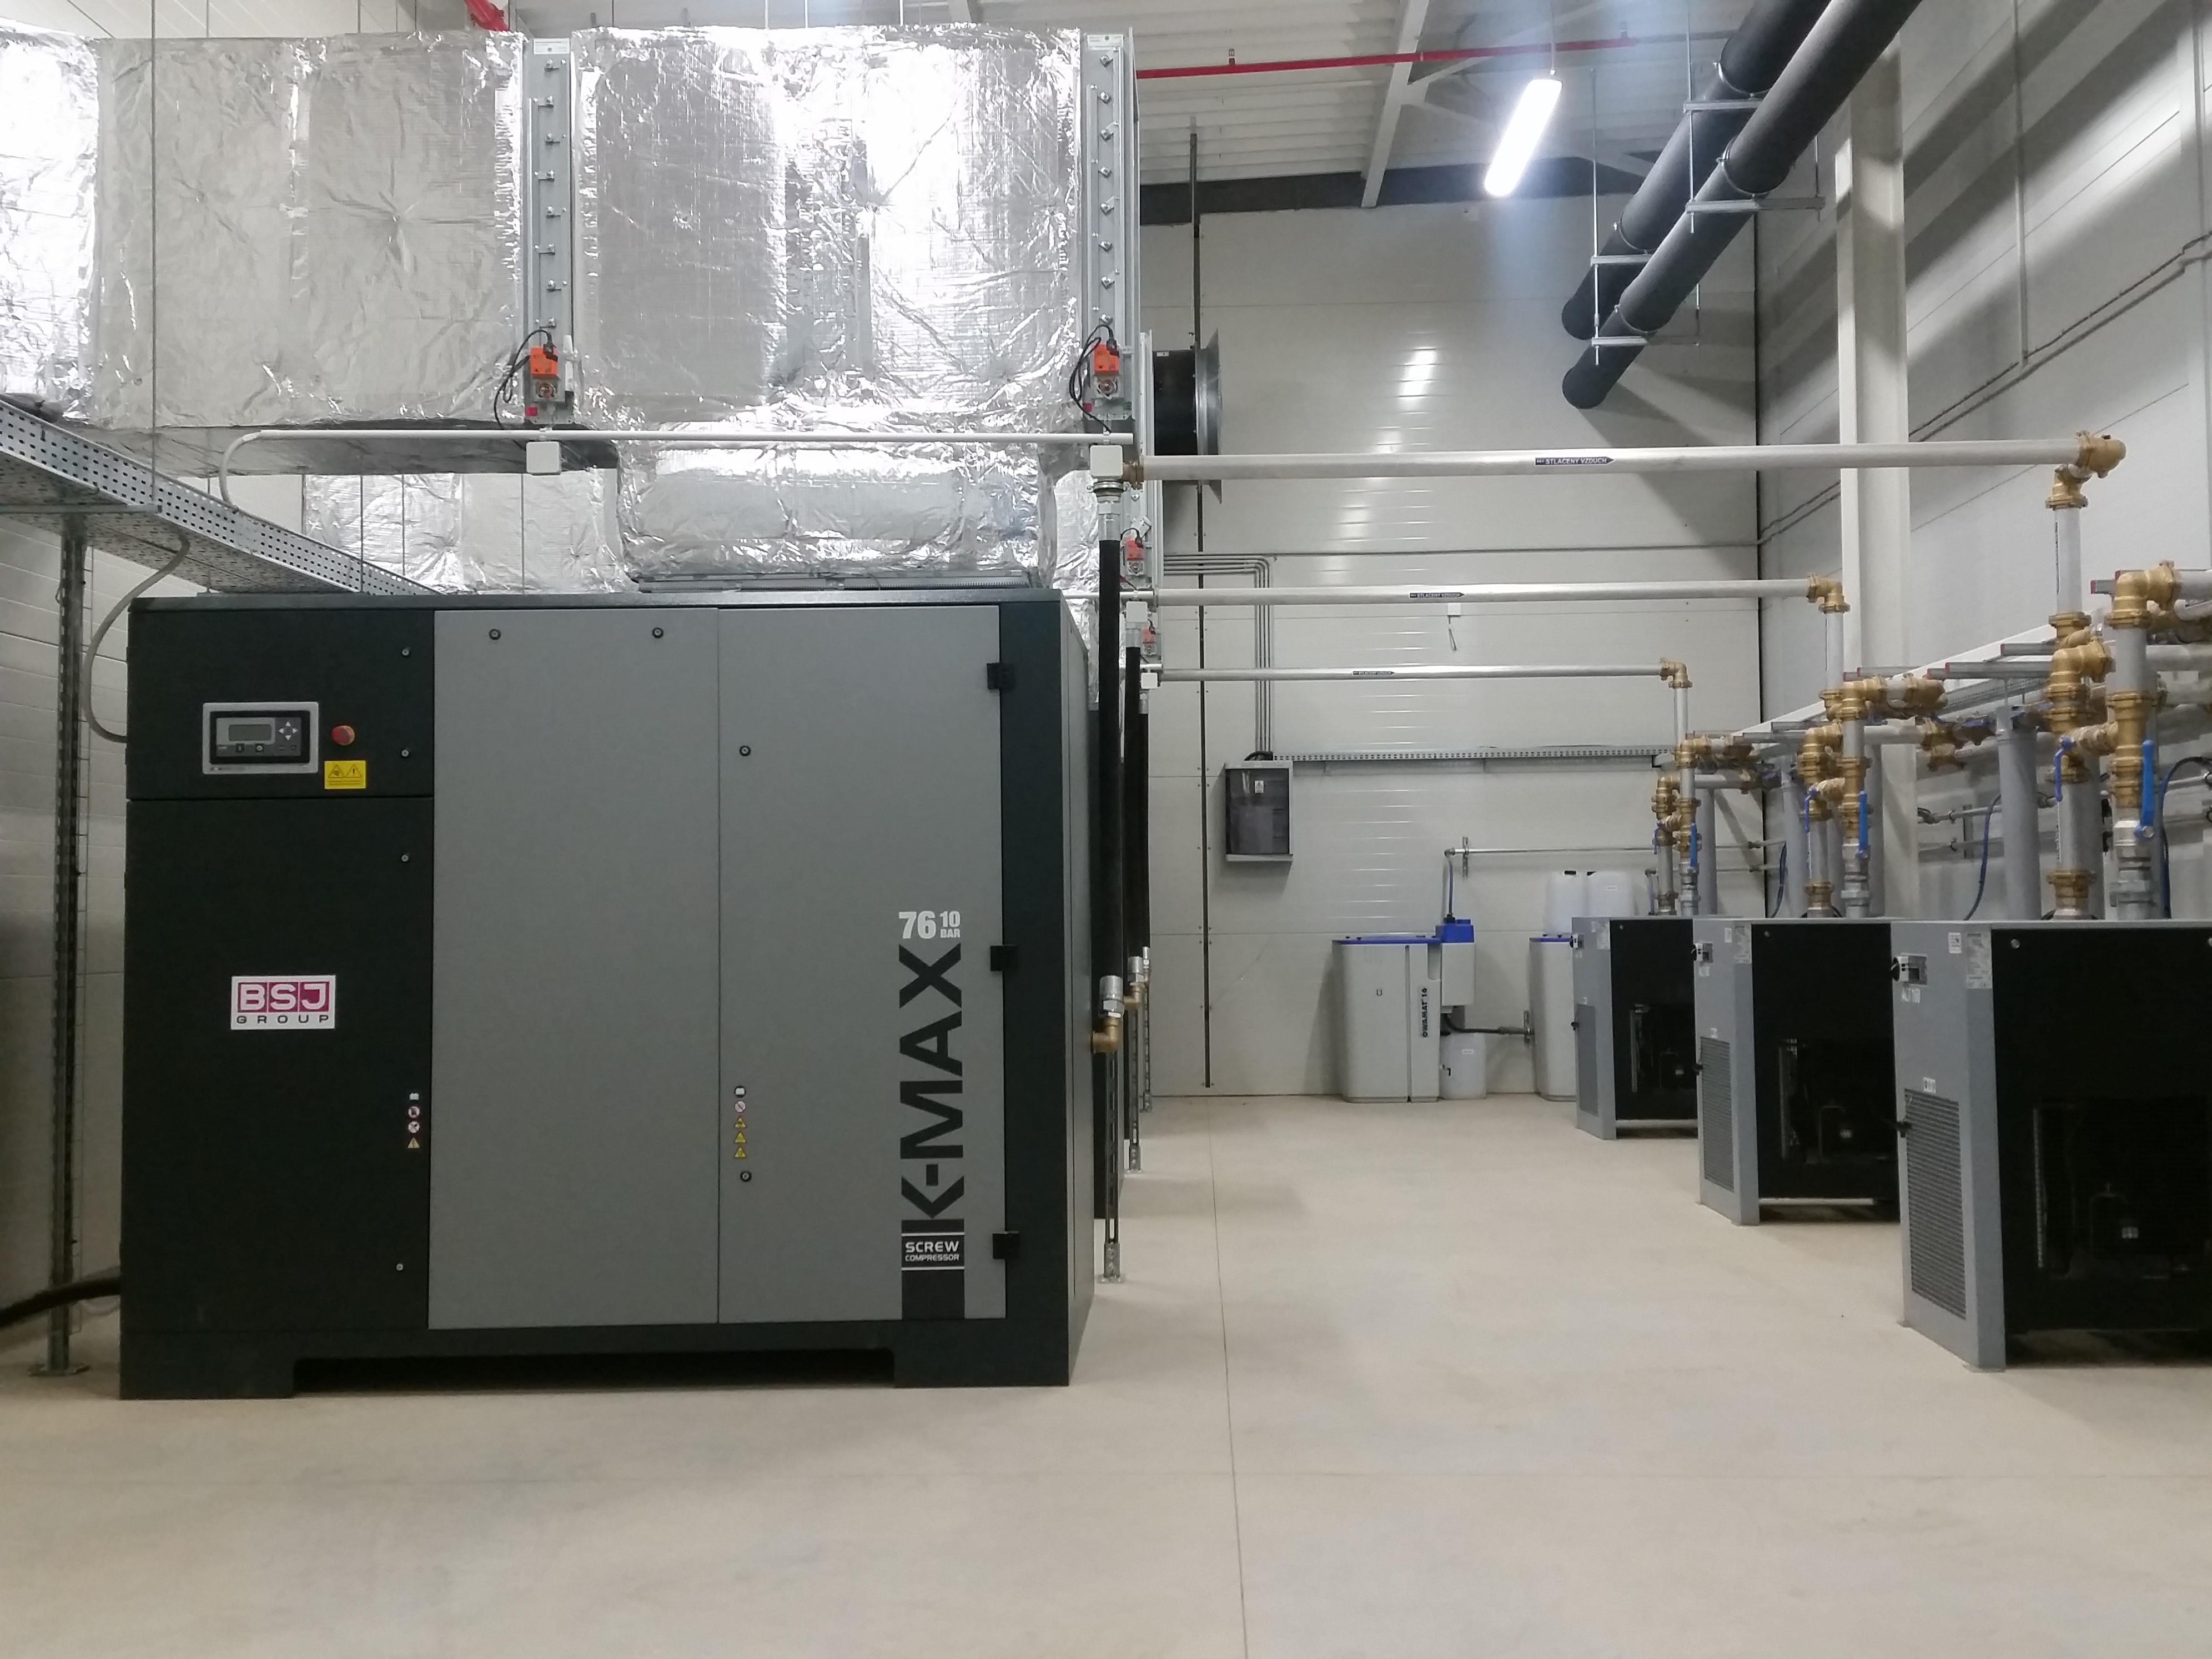 CTP Invest. Cerhovice - kompresorová stanice, 2 x 90kW + 1 x 76kW